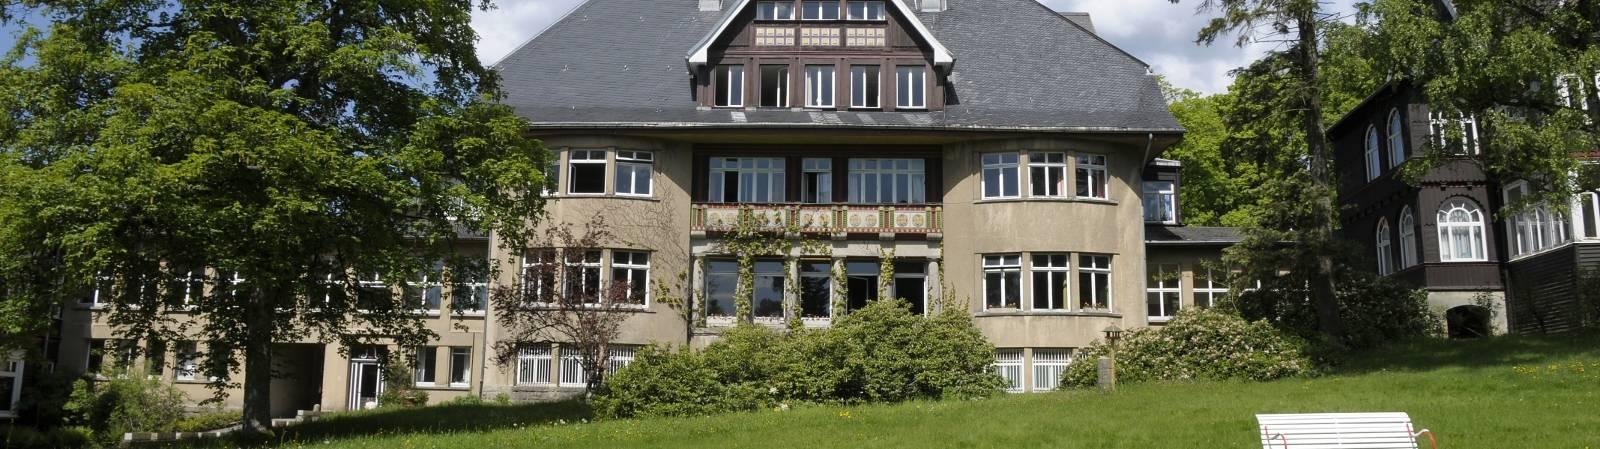 Krankenhaus & Sanatorium Dr. Barner - Jugendstil